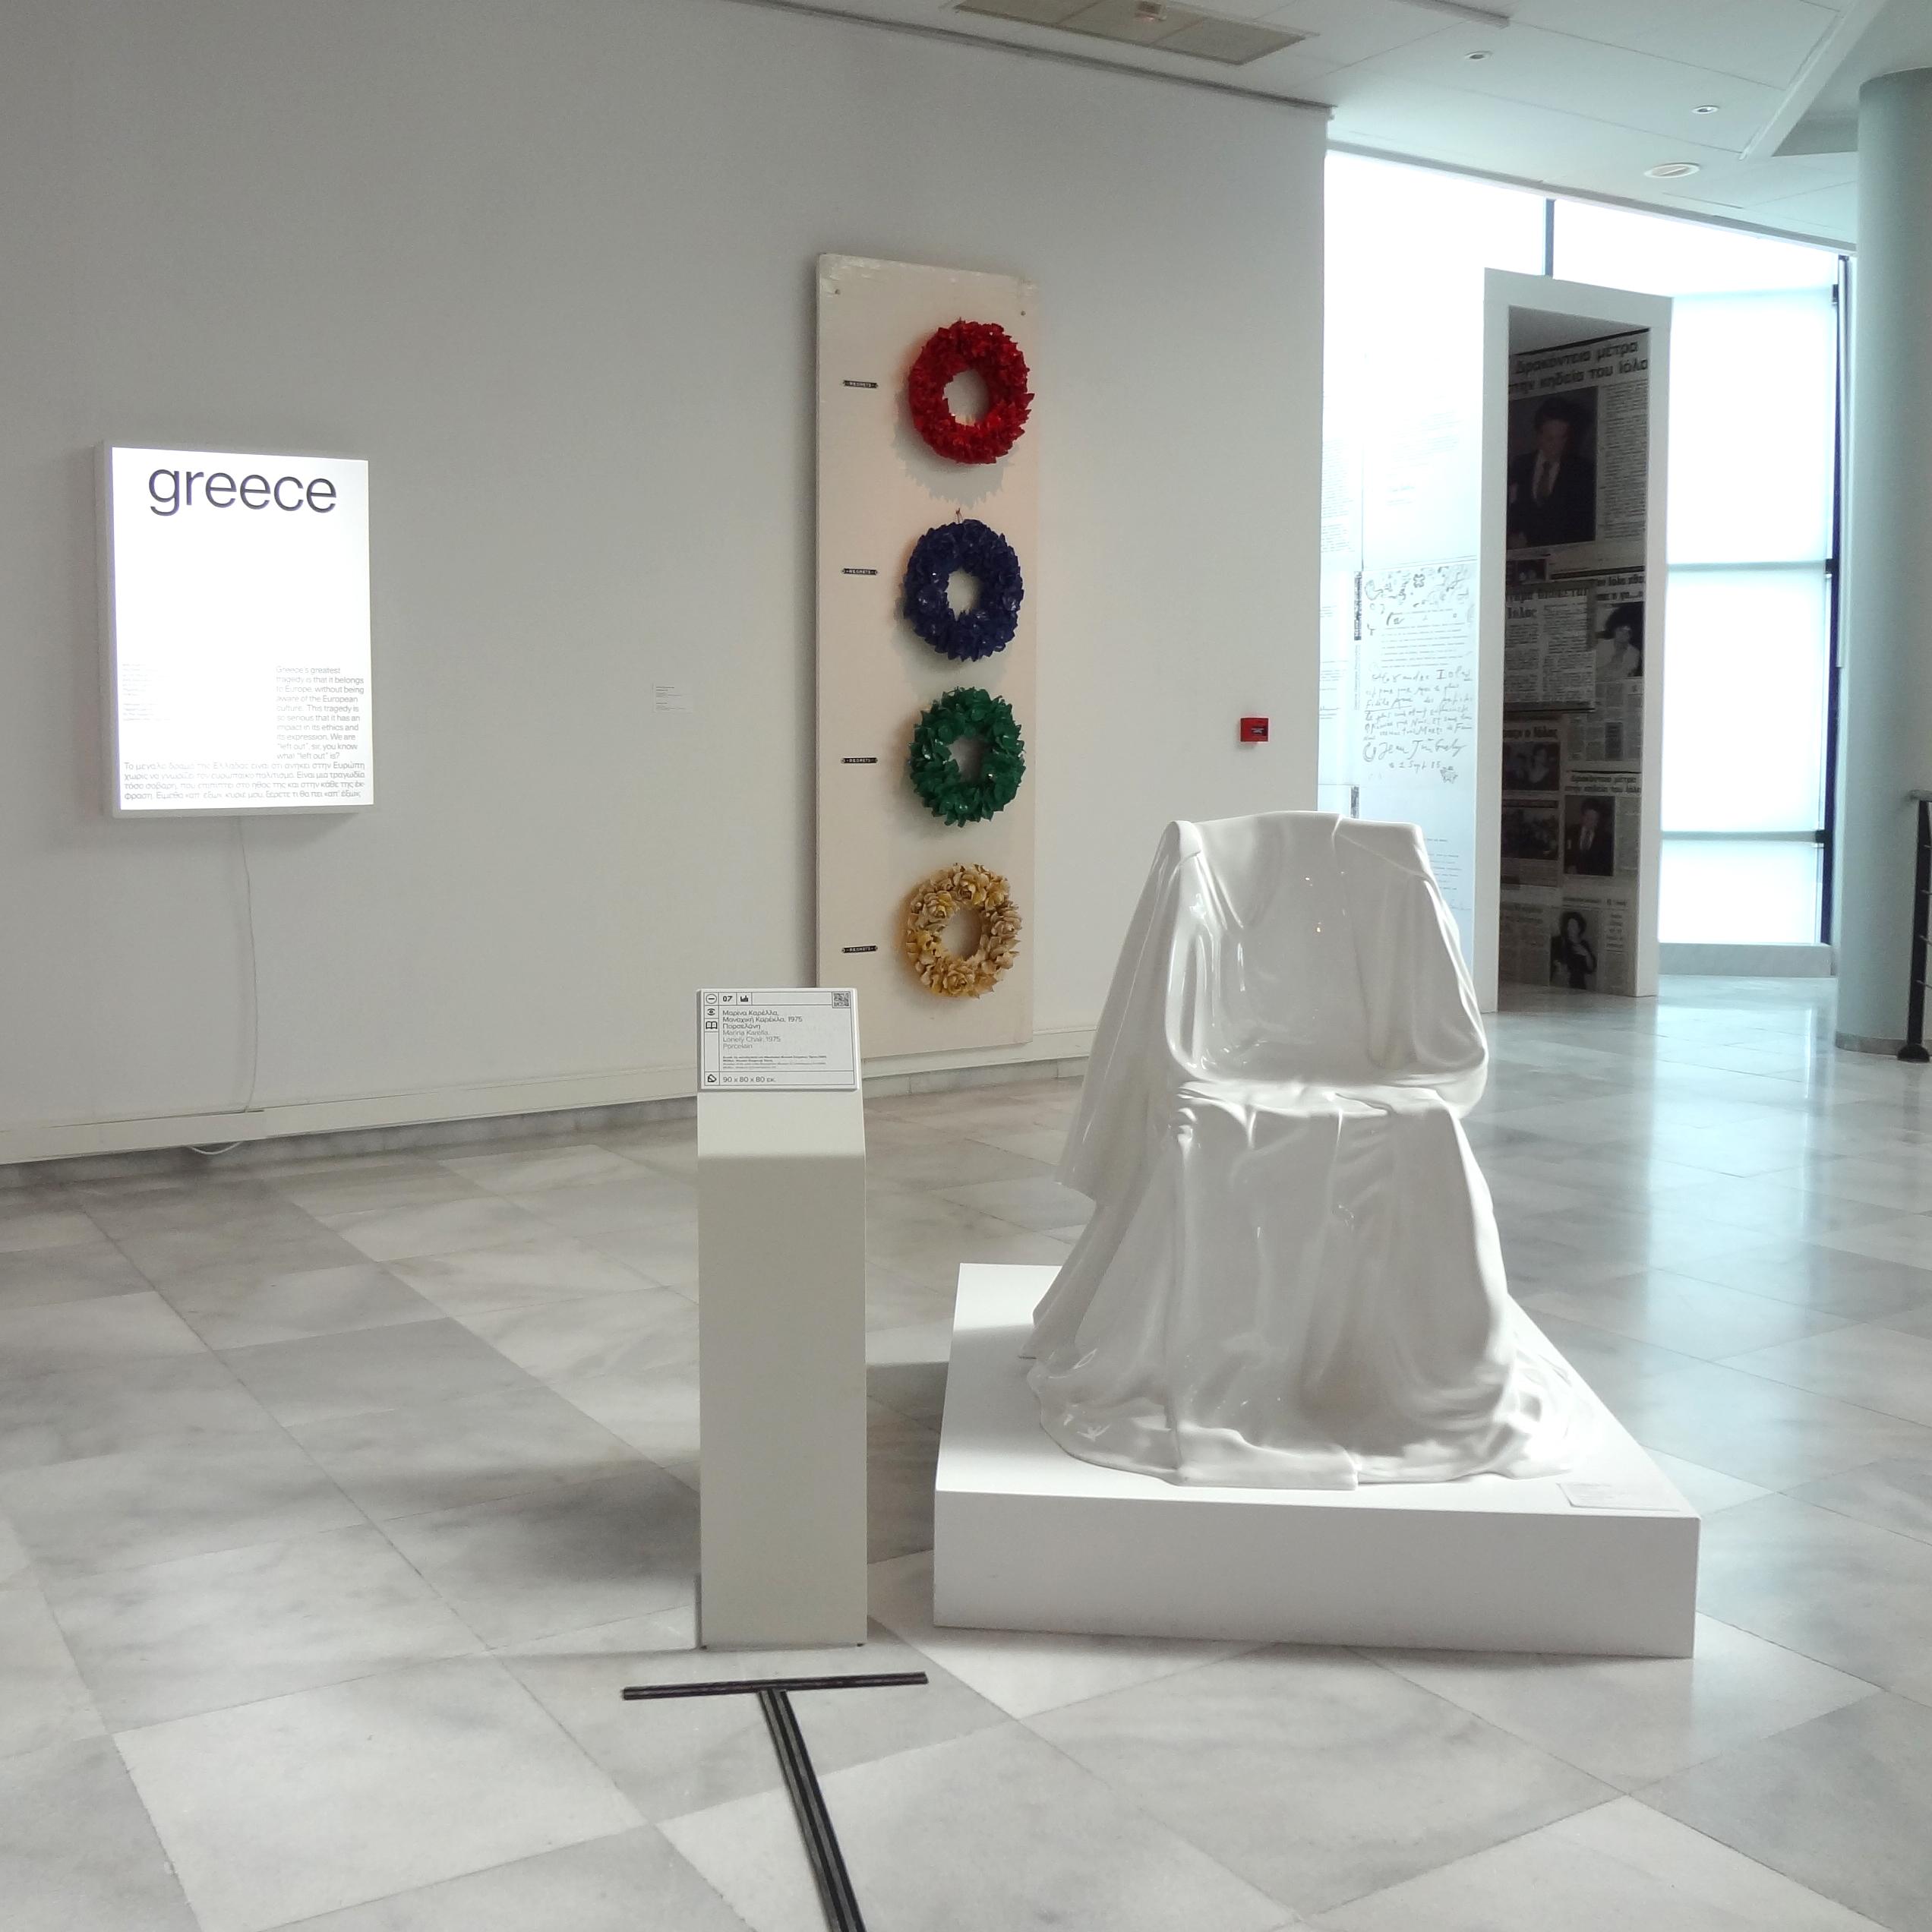 Το έργο τέχνης της Μαρίνας Καρέλλα. Αριστερά του έργου βρίσκεται ένα μεταλλικό σταντ που φέρει τη λεζάντα του έργου. Διακρίνεται ο οδηγός όδευσης στο πάτωμα που οδηγεί στη λεζάντα και το έργο. Στο βάθος διακρίνονται άλλα εργα της συλλογής του μουσείου.